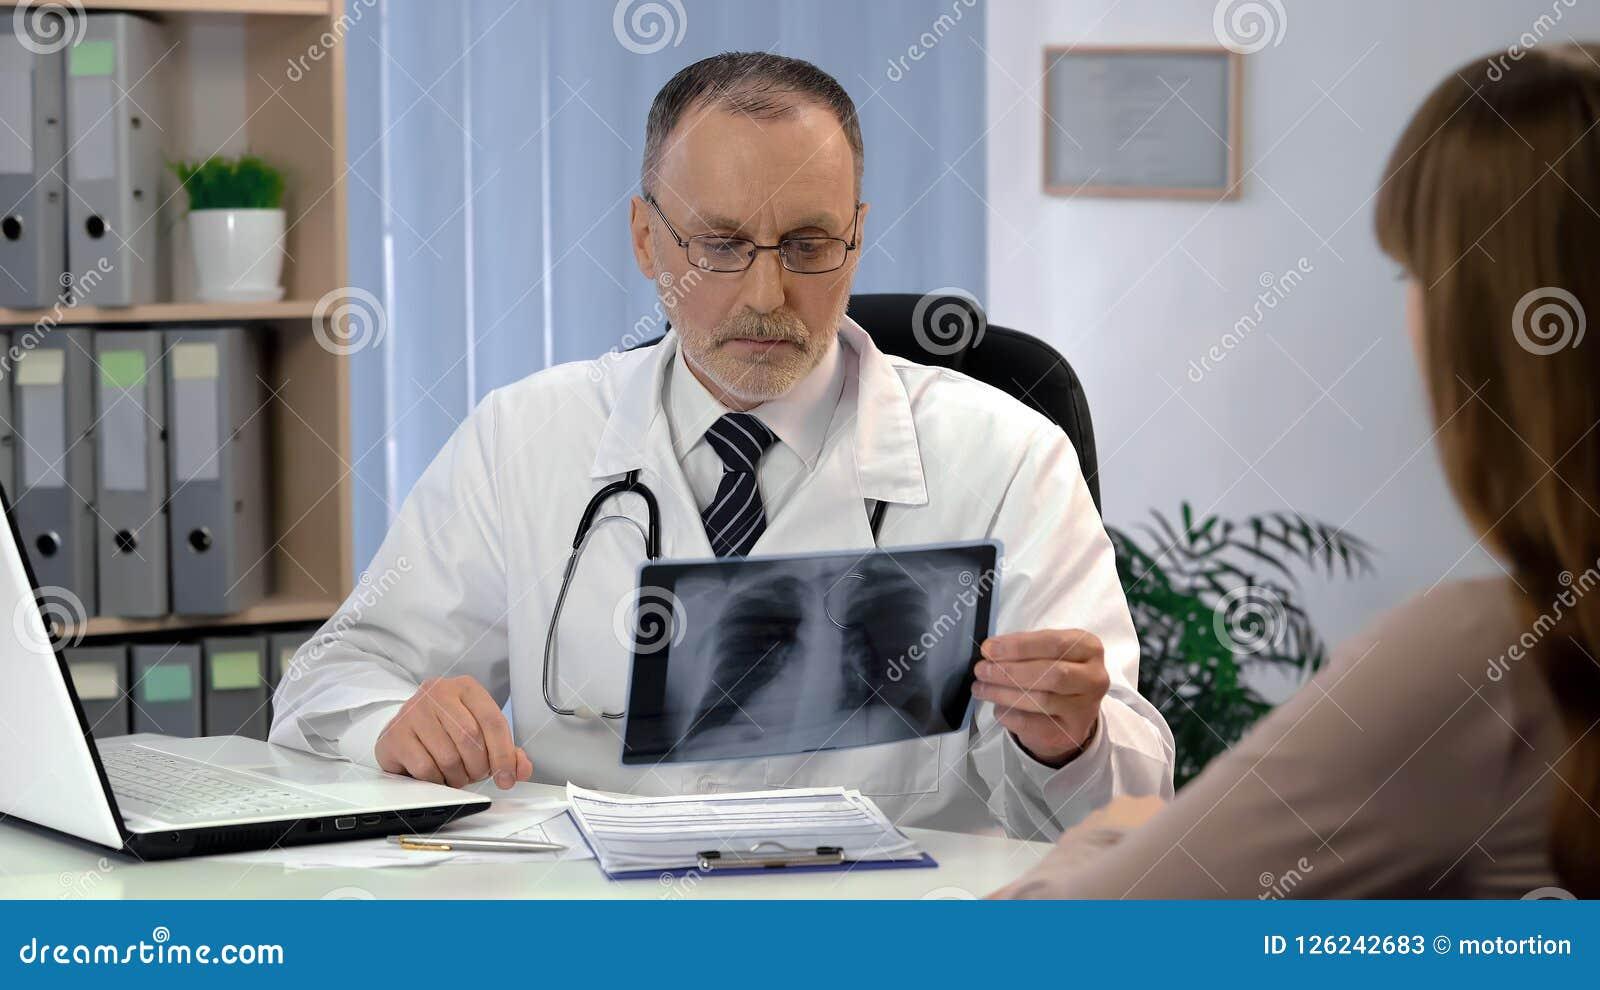 Behandeln Sie das Beobachten von Lungen Röntgenstrahl, Patientenwartediagnose, Tuberkuloserisiko